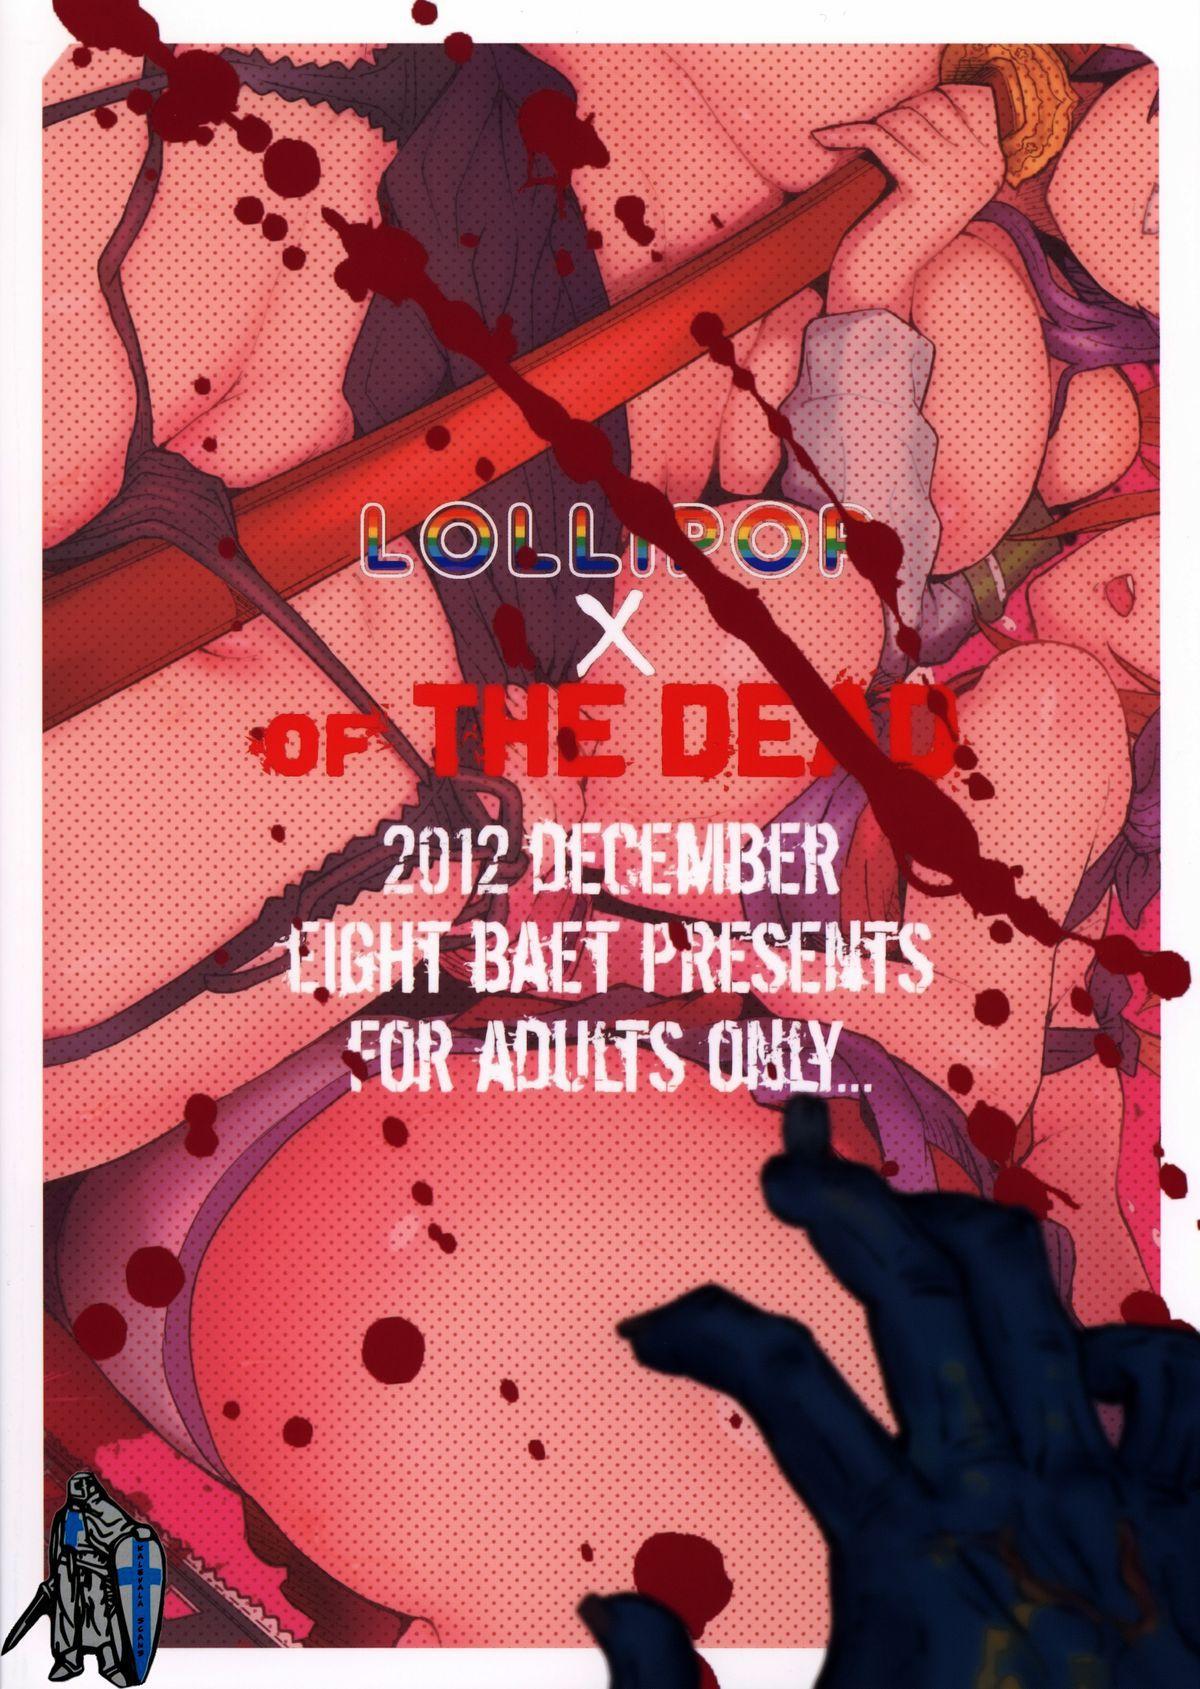 LOLLIPOP of THE DEAD 23